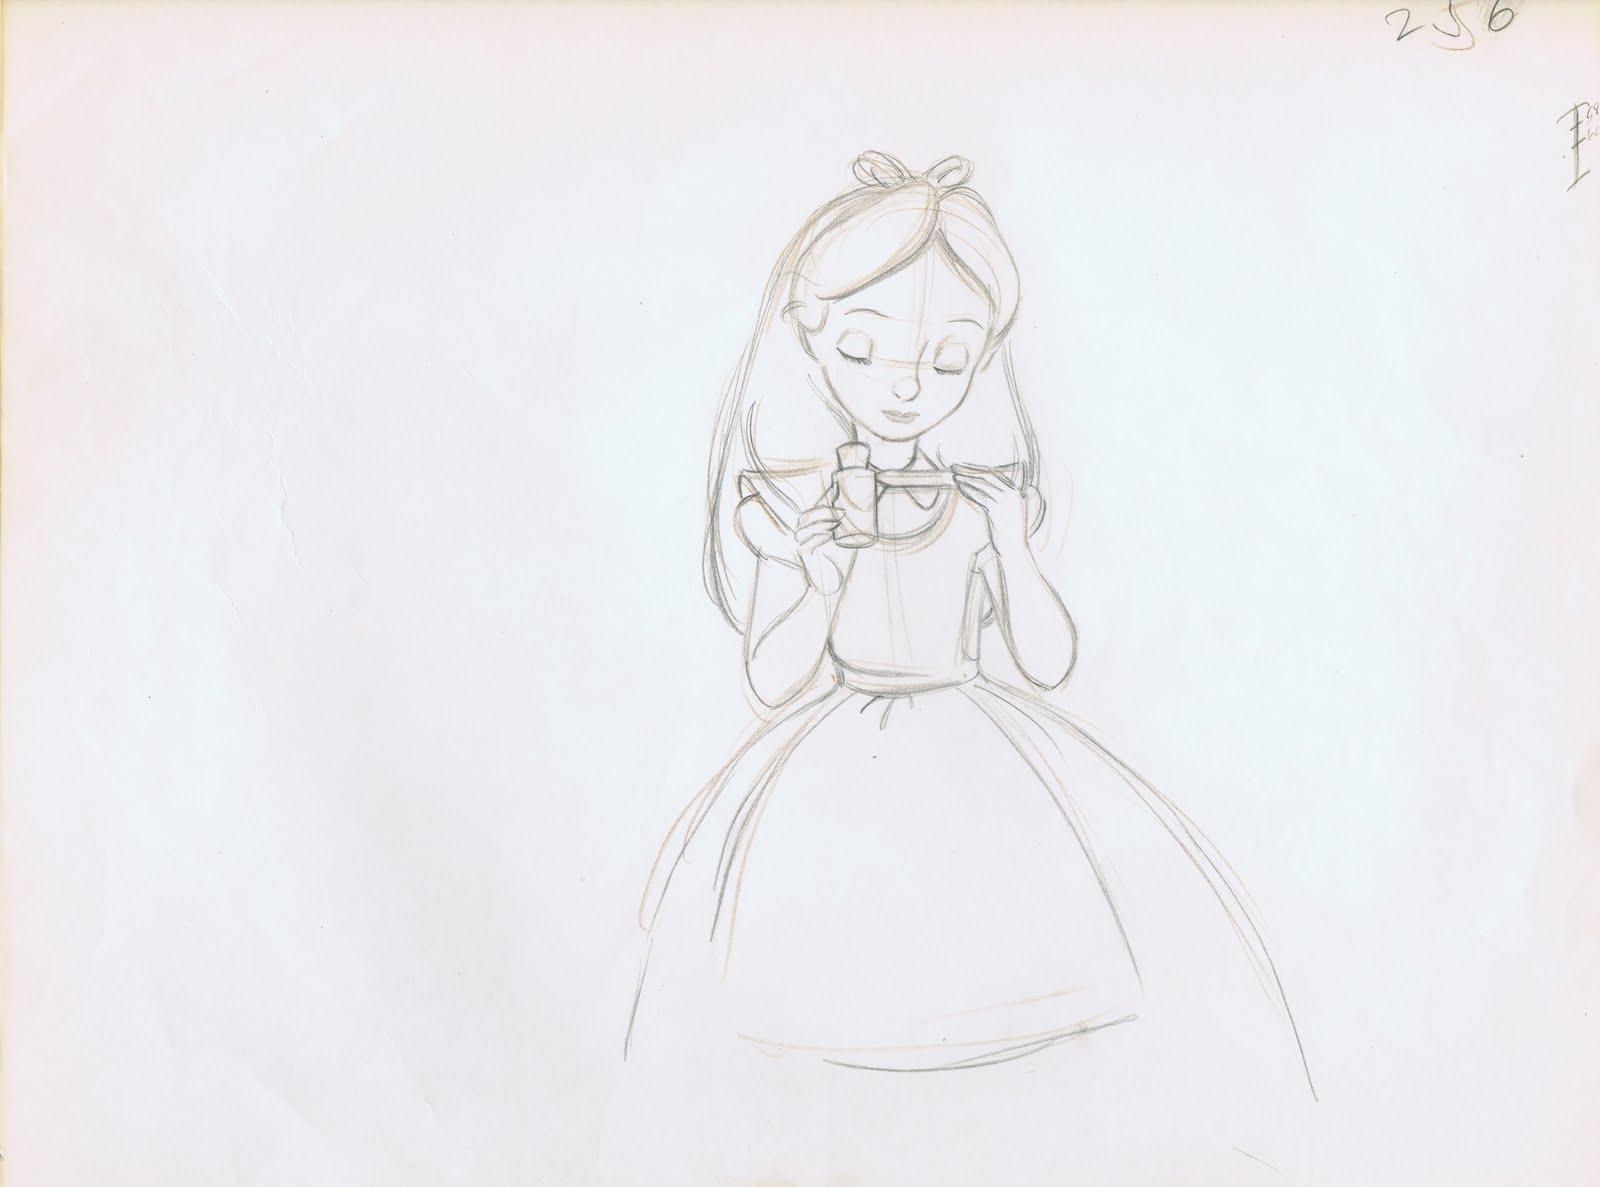 Deep Emotional Drawings